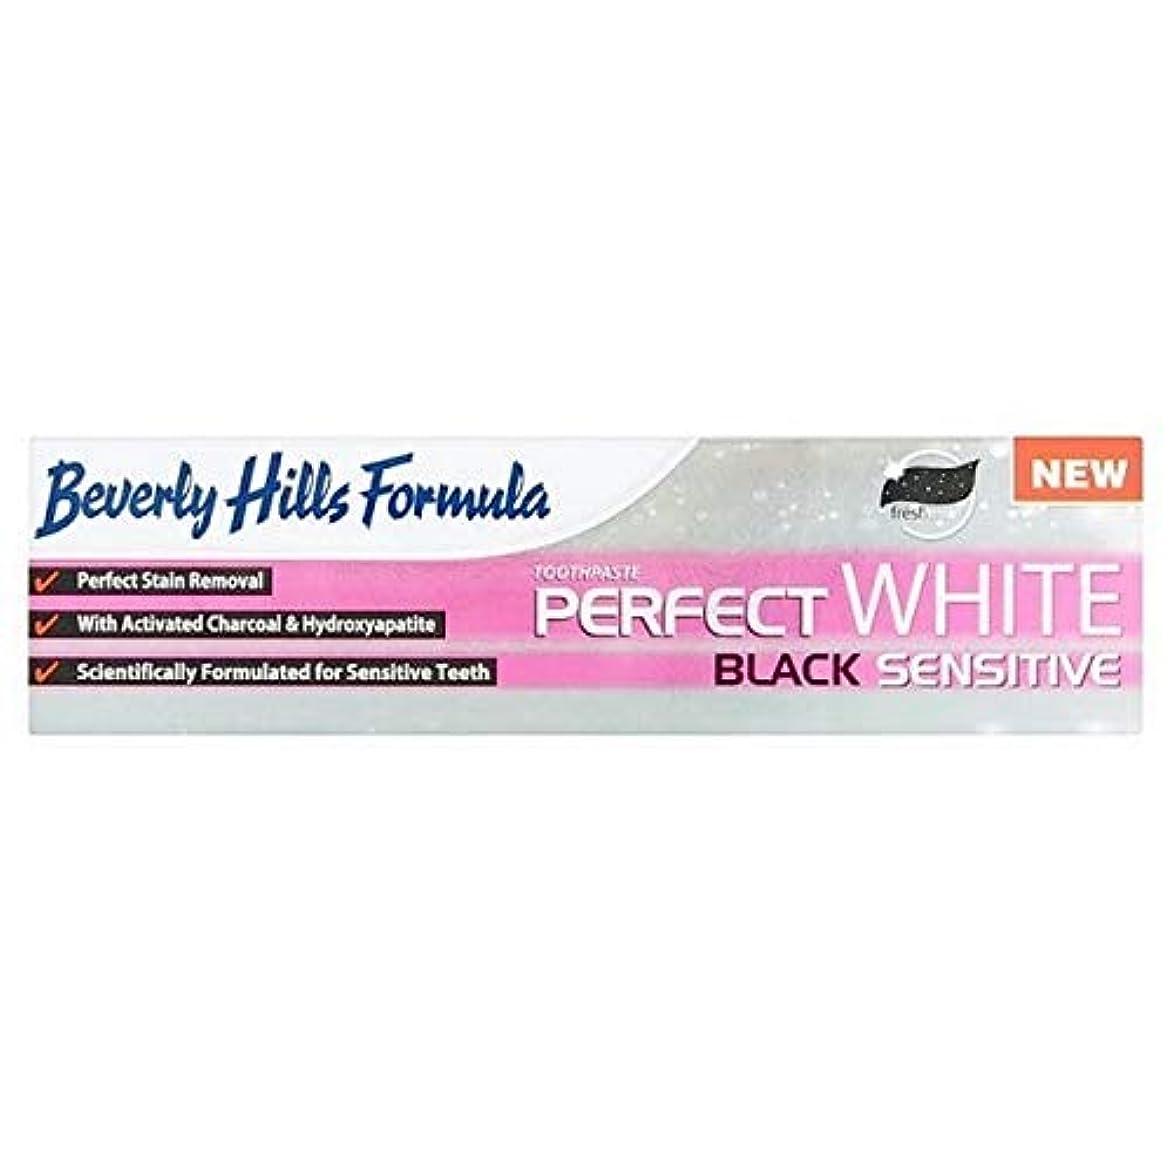 震えボット発行する[Beverly Hills ] ビバリーヒルズ完璧な白黒敏感な歯磨き粉の100ミリリットル - Beverly Hills Perfect White Black Sensitive Toothpaste 100ml [並行輸入品]